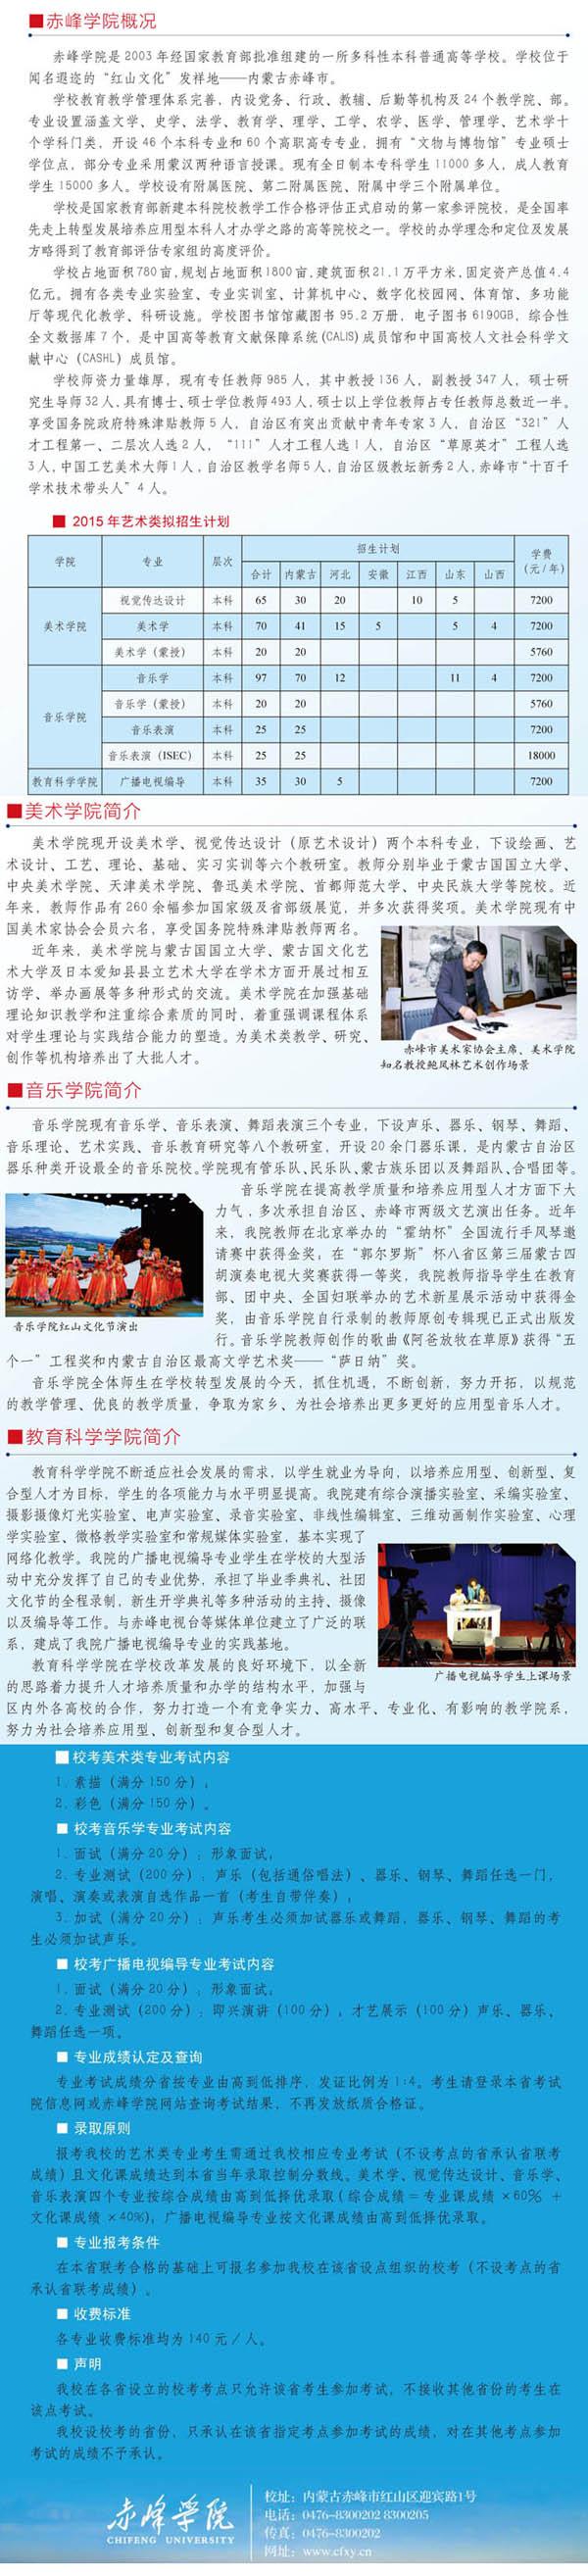 赤峰学院2015年艺术类招生简章1.jpg